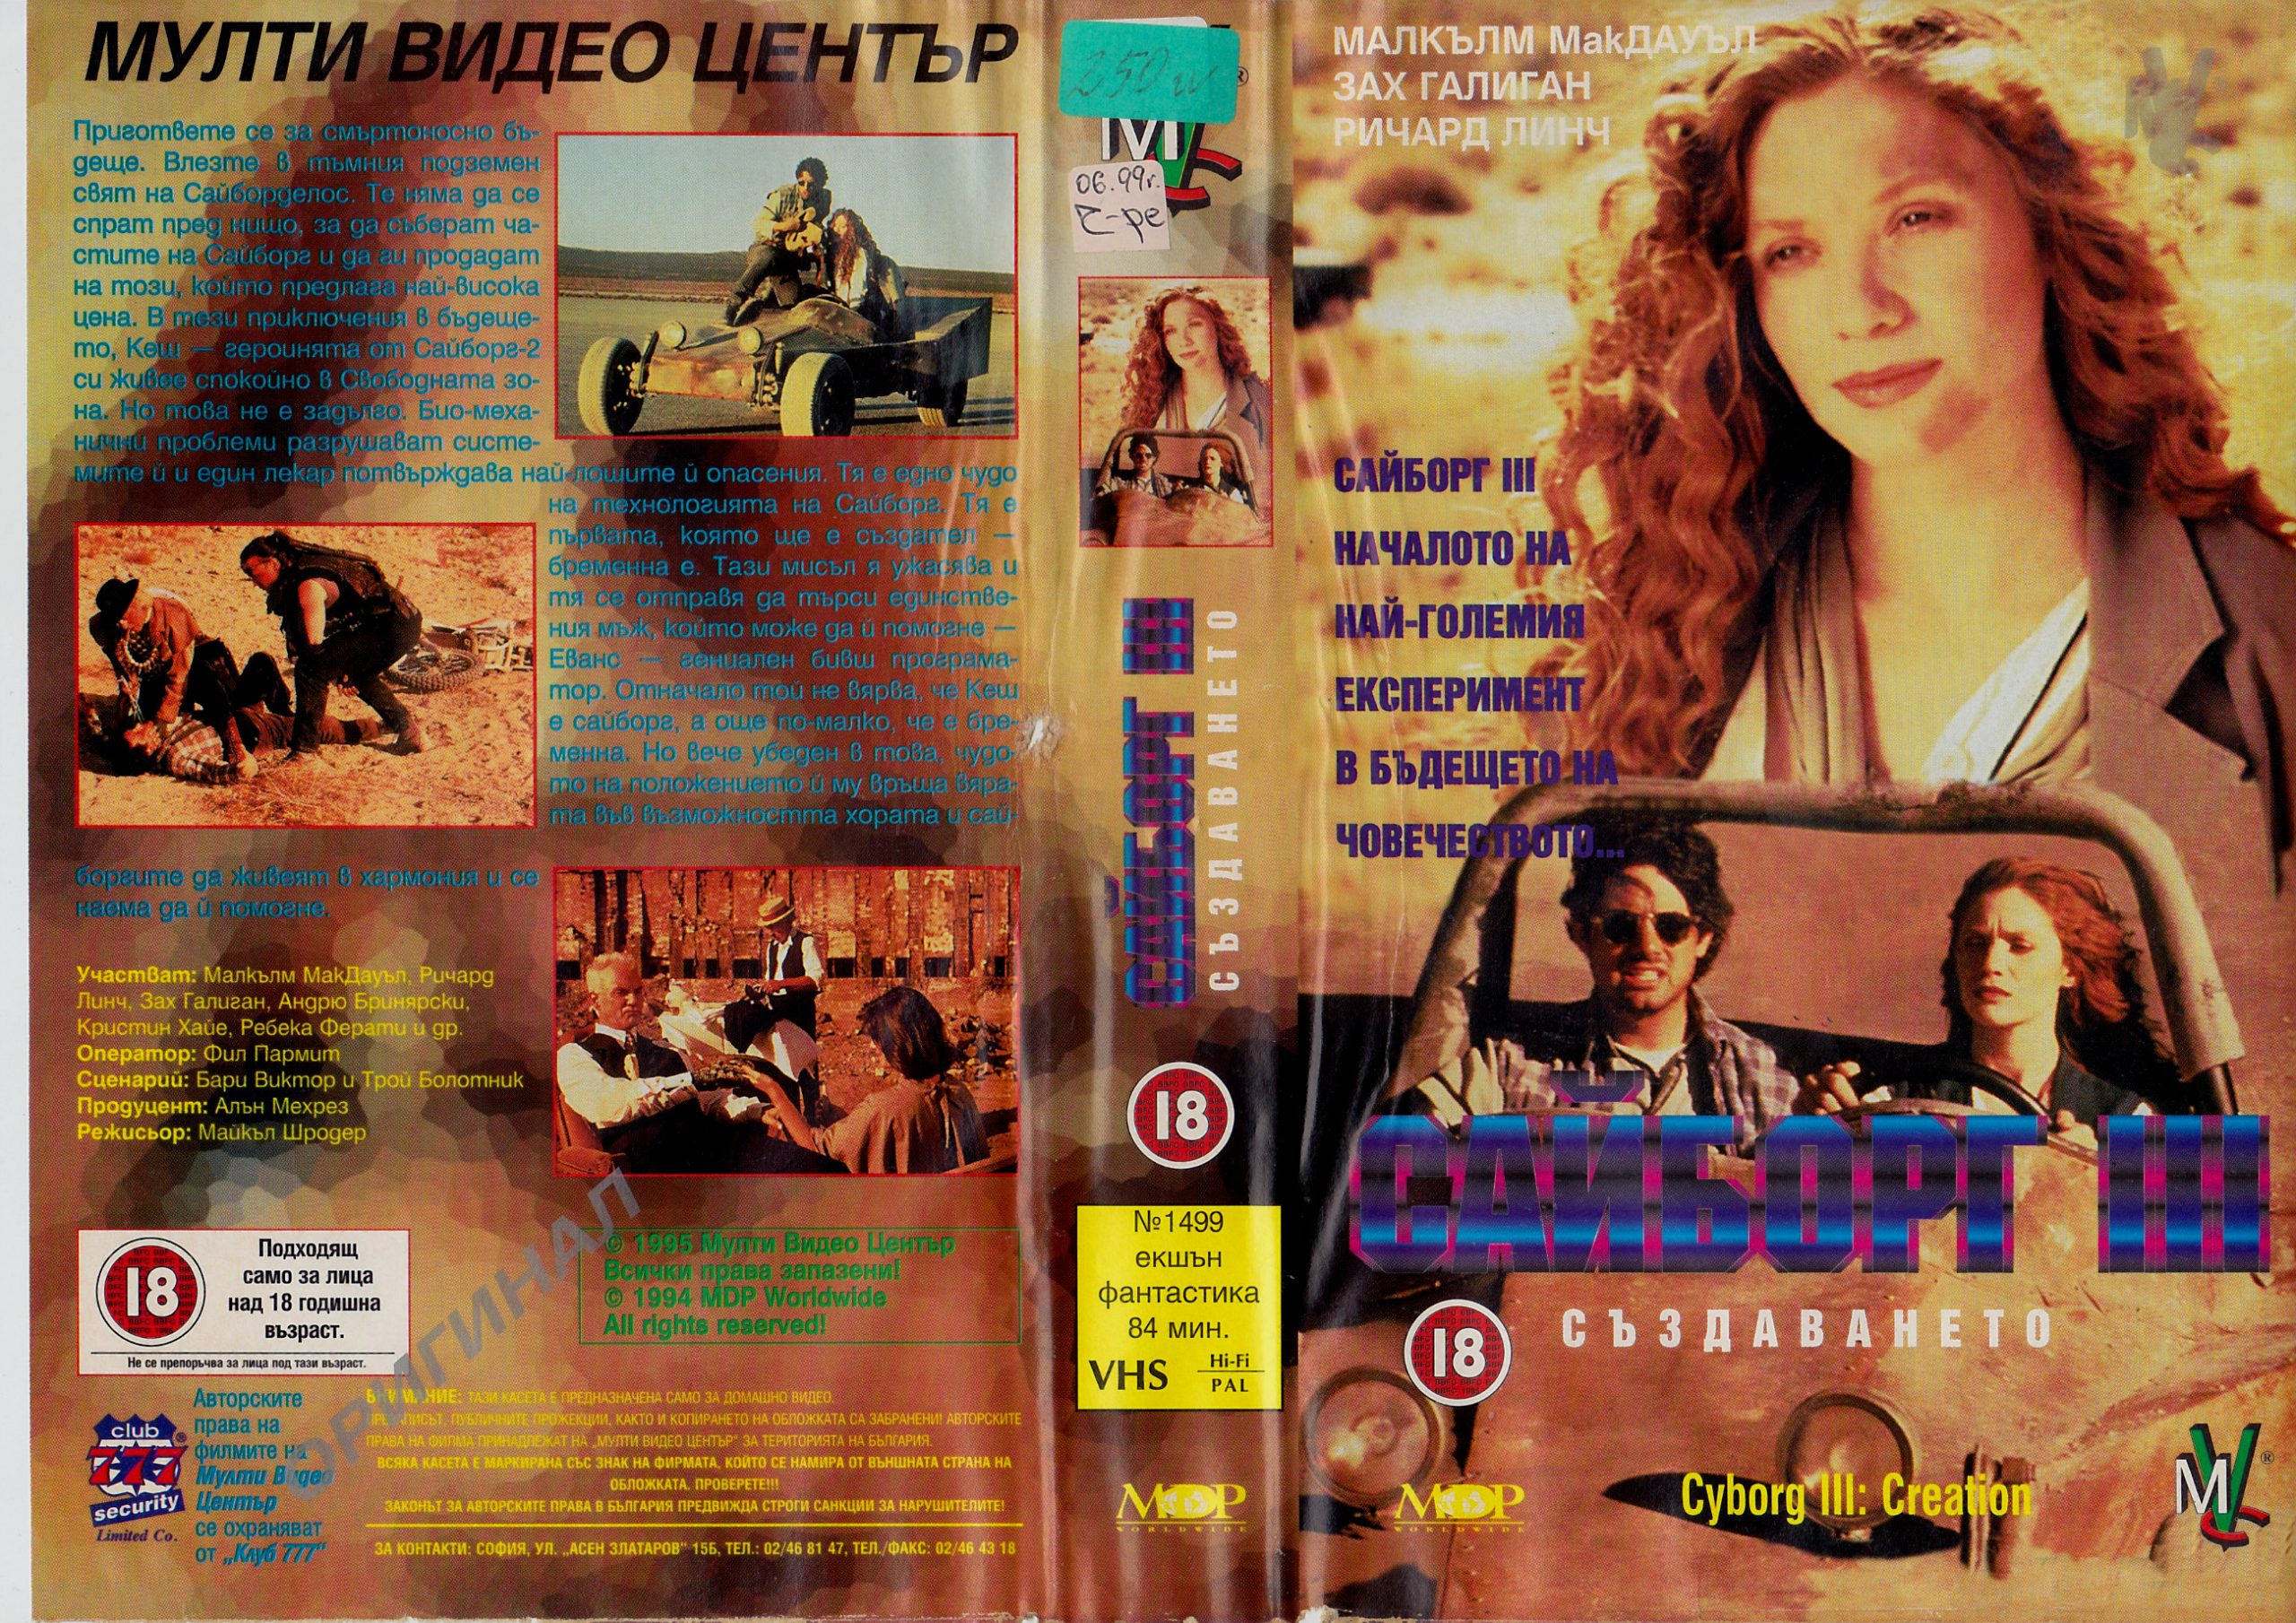 Сайборг 3 филм